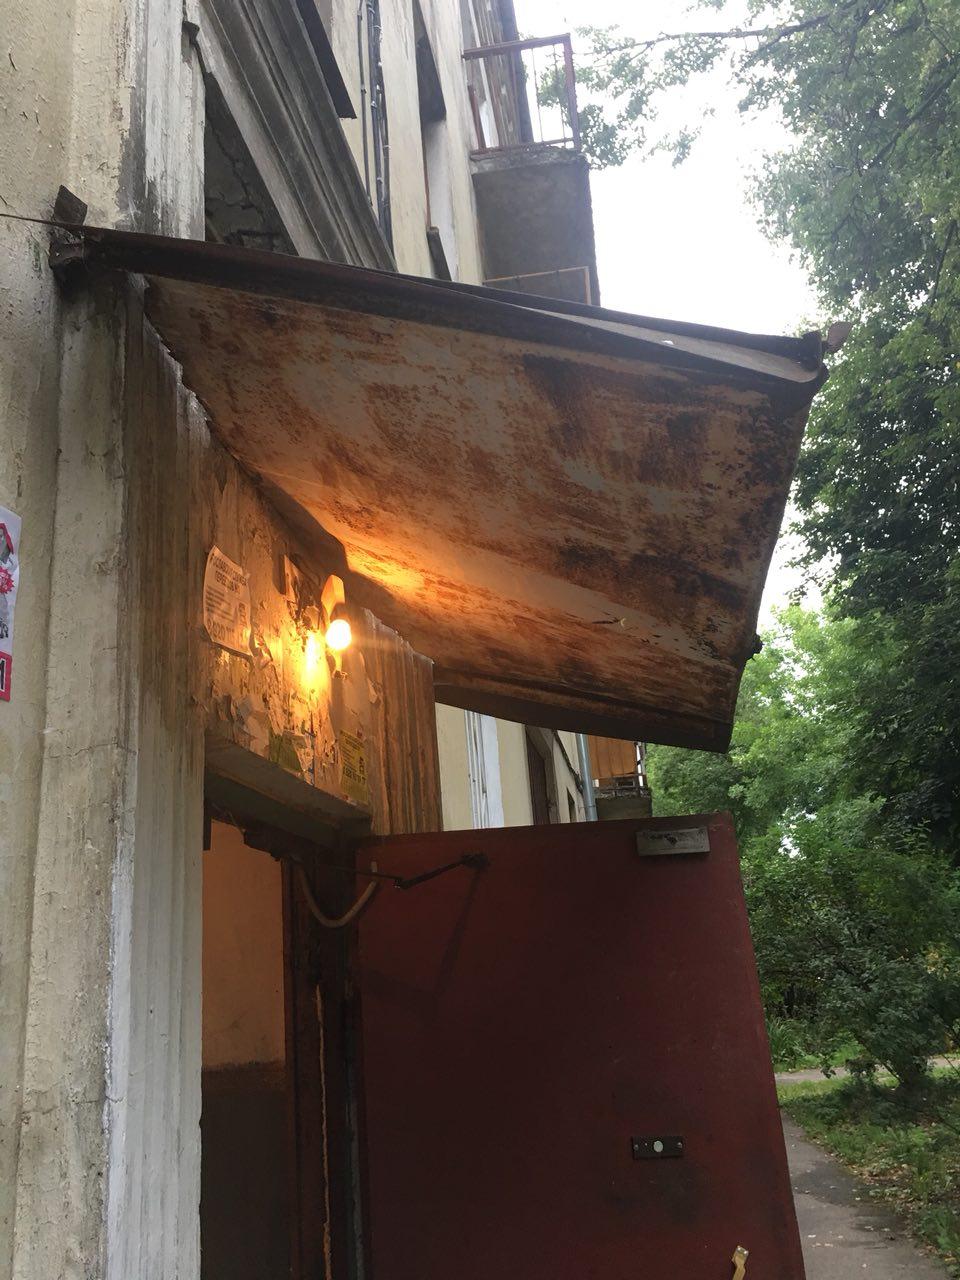 Интим услуги Радищева улица в в Санкт-Петербурге, , салон, эротический массаж, vip